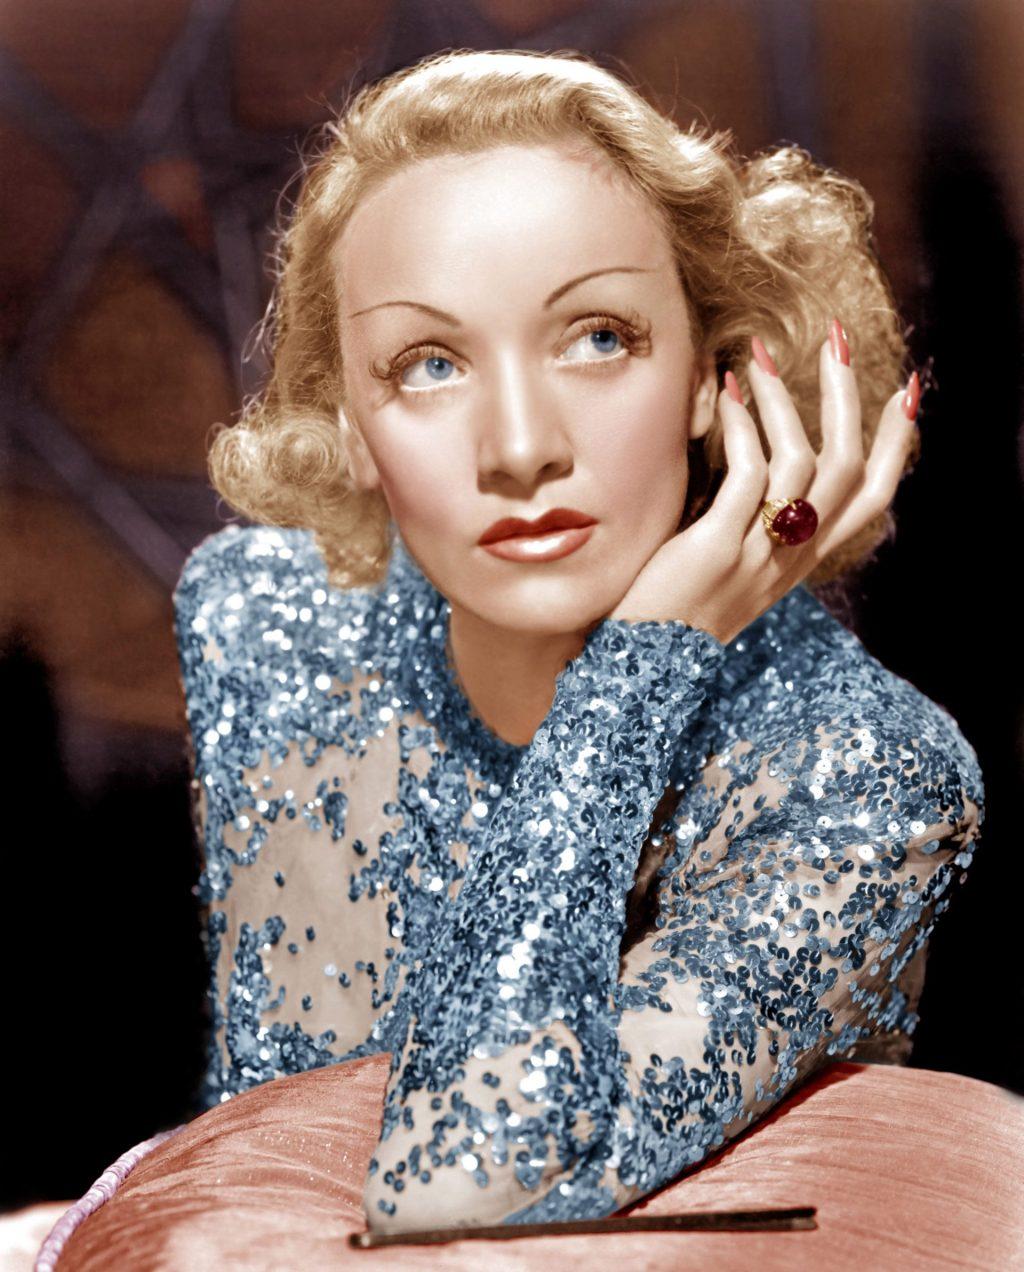 Marlene Dietrich với những đầu ngón tay được sơn đỏ hồng trong bộ phim rom-com Angel (1937).